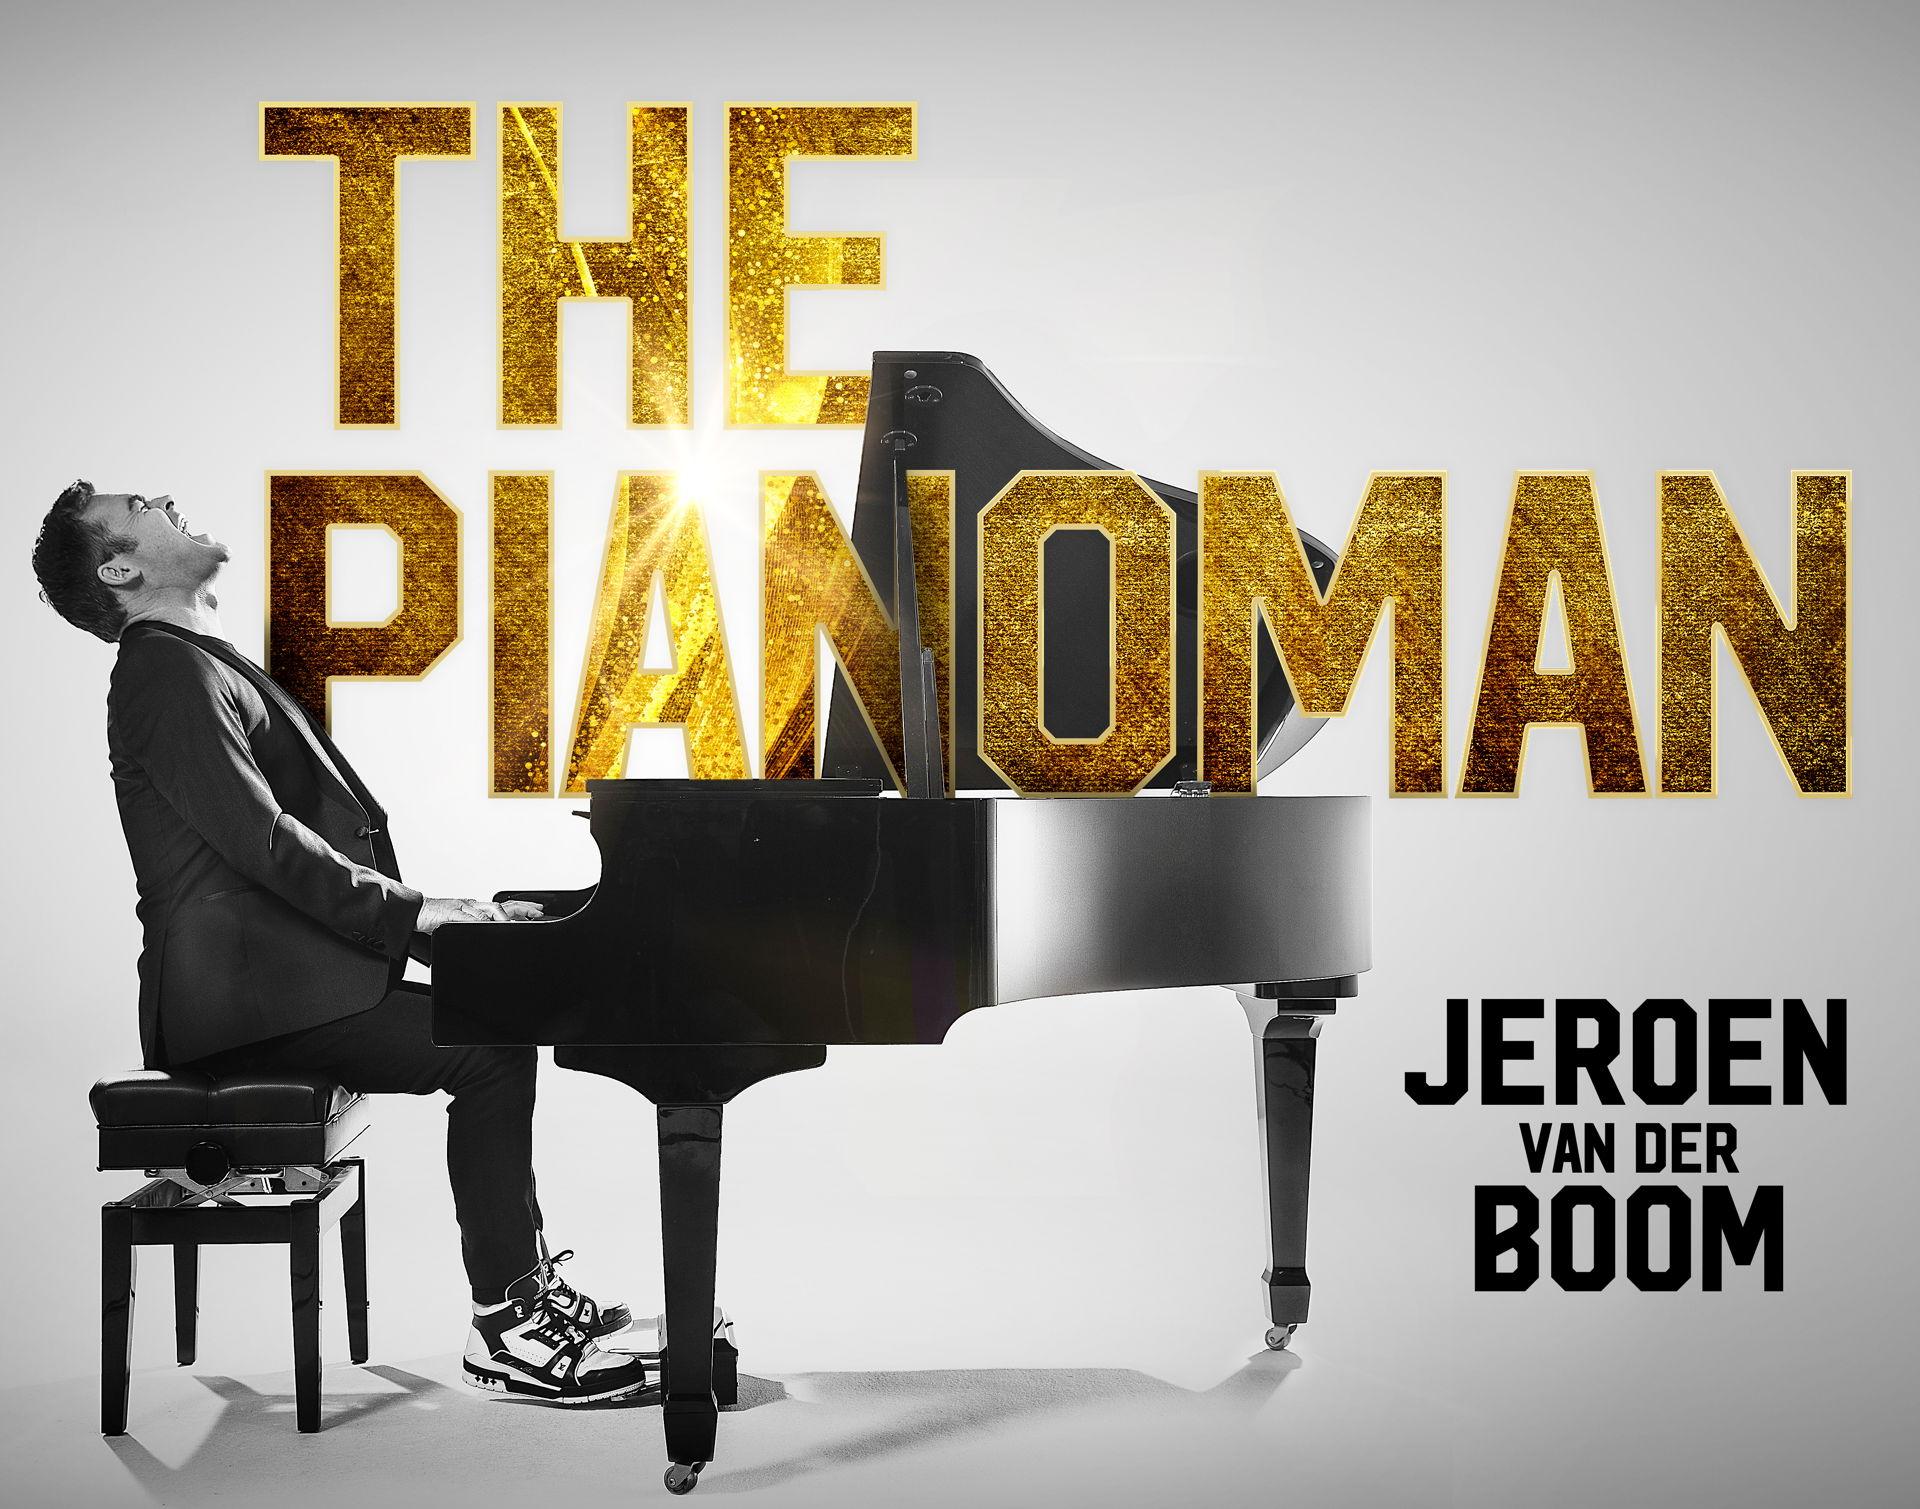 Jeroen van der Boom keert terug in de theaters met een speciale one-man show vol bijzondere en persoonlijke verhalen en alle grote hits uit zijn omvangrijke carrière.